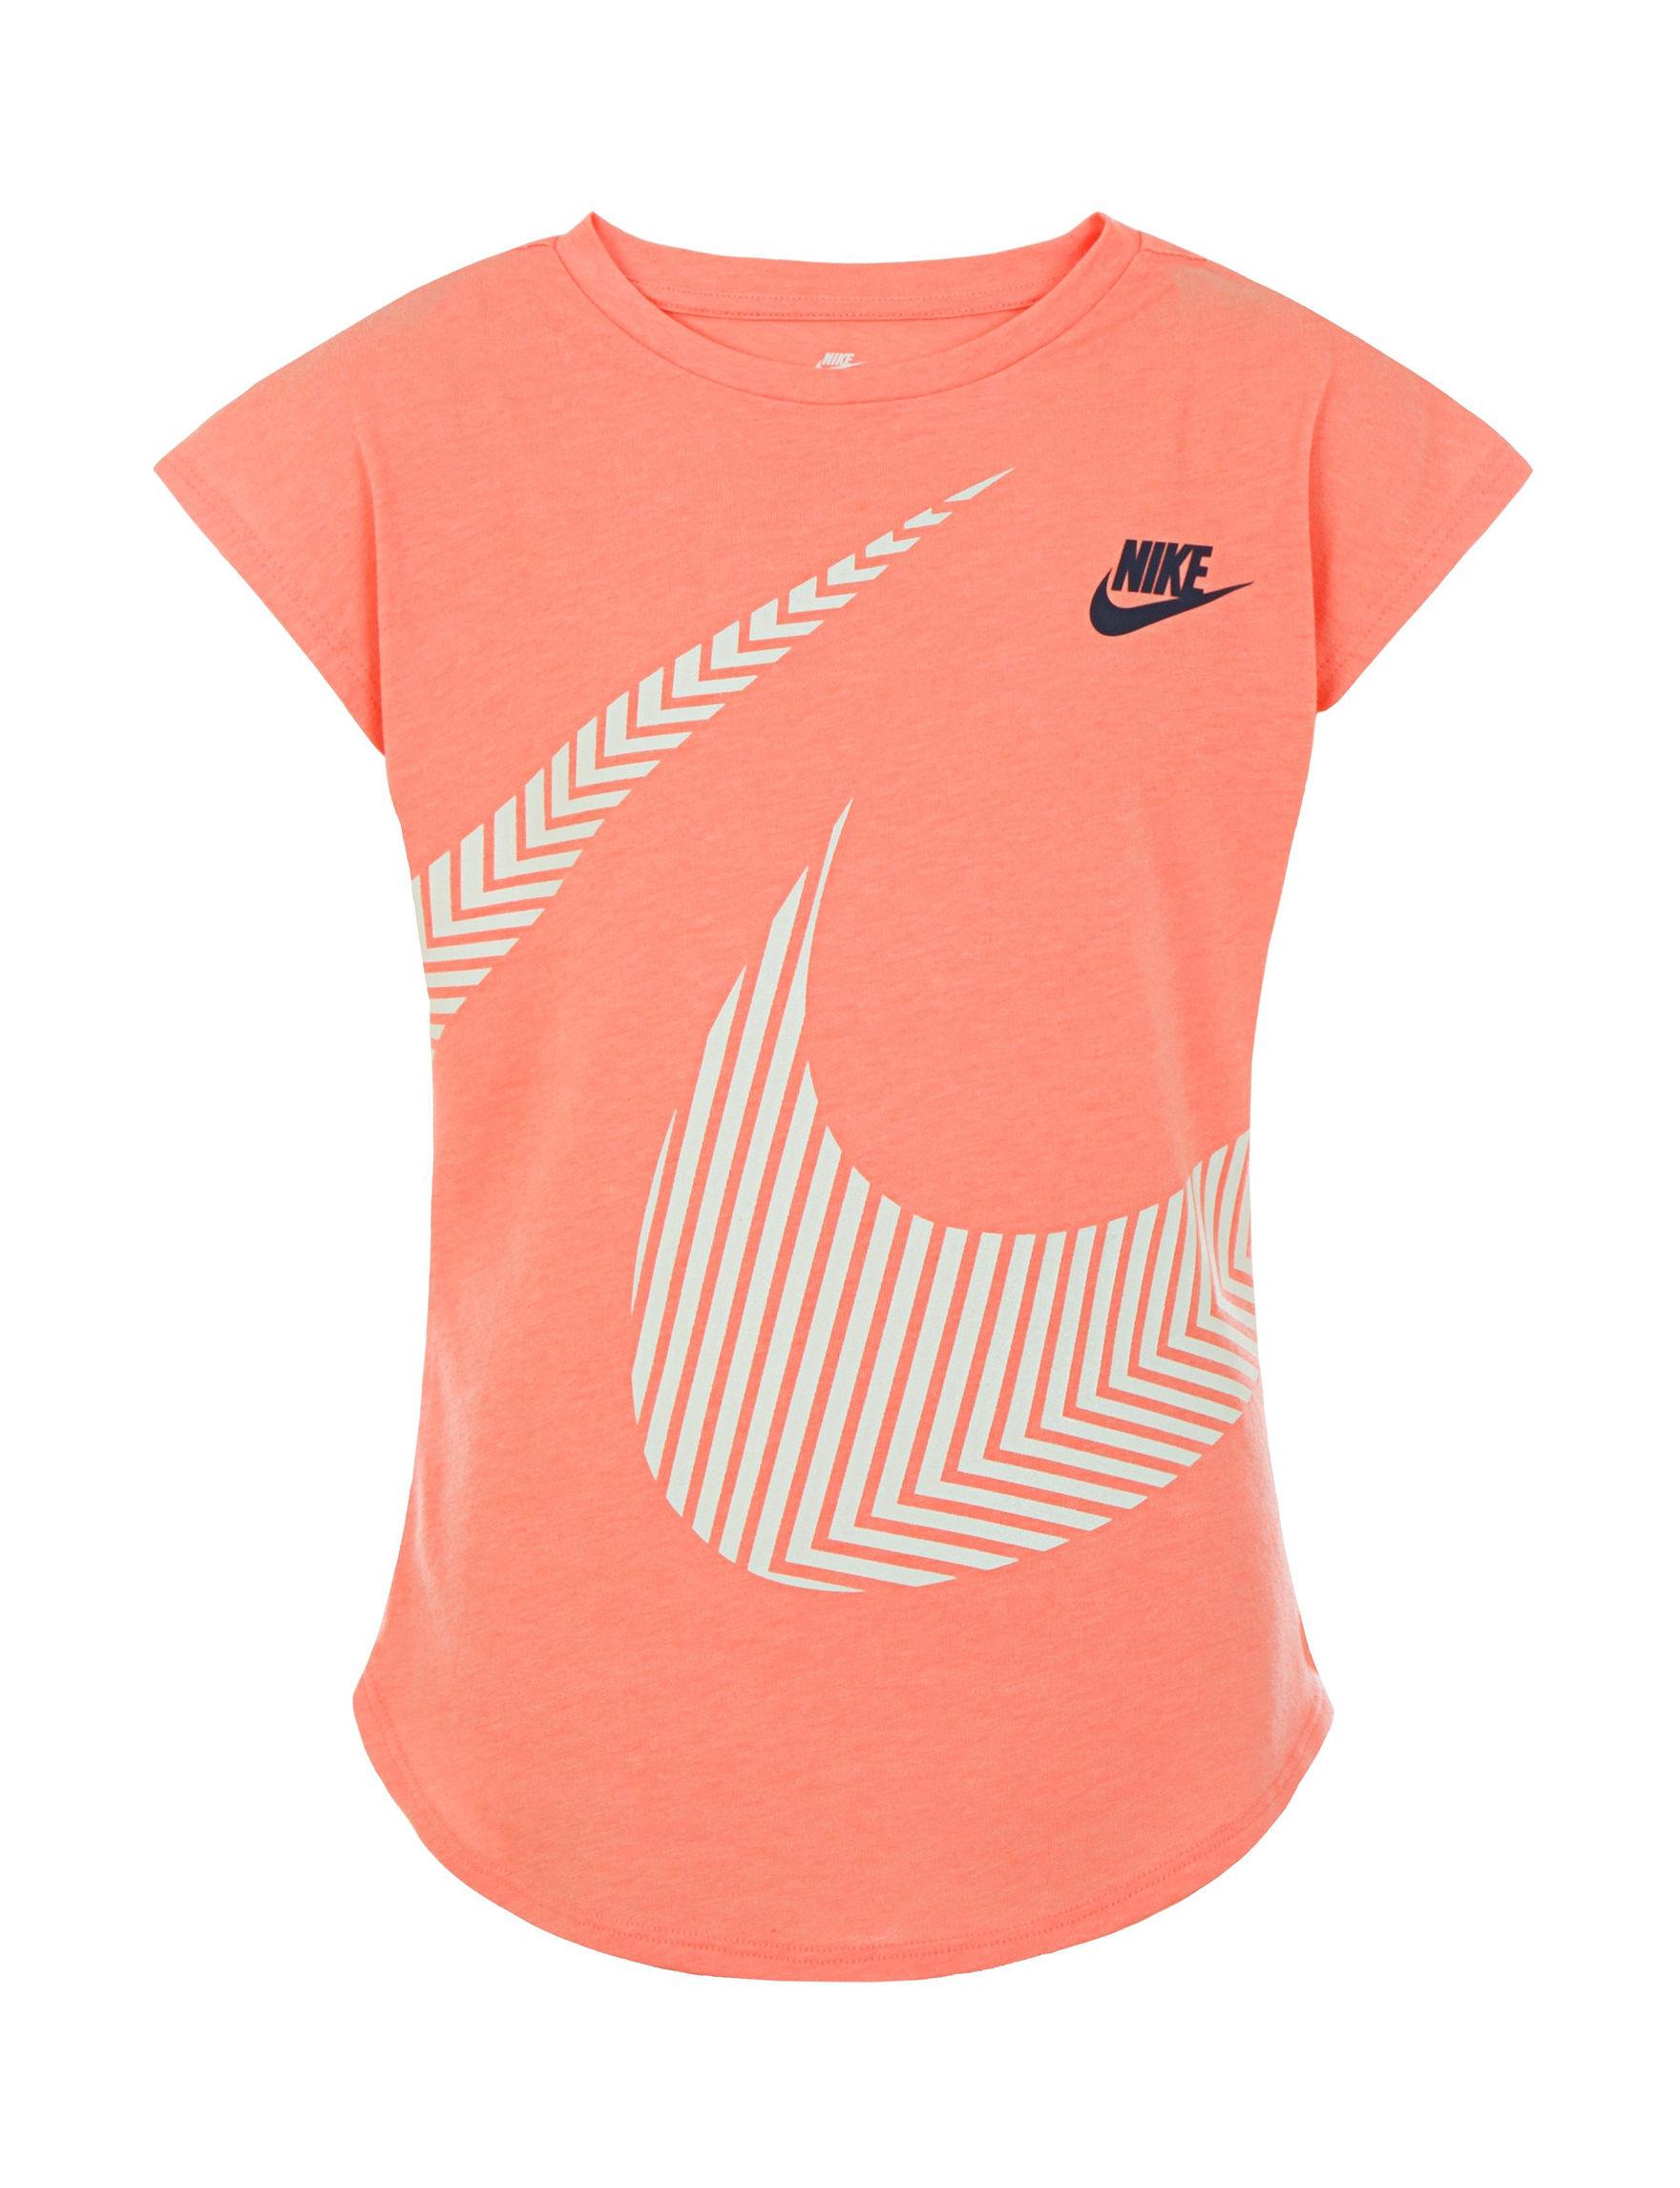 Nike Atomic Pink Tees & Tanks